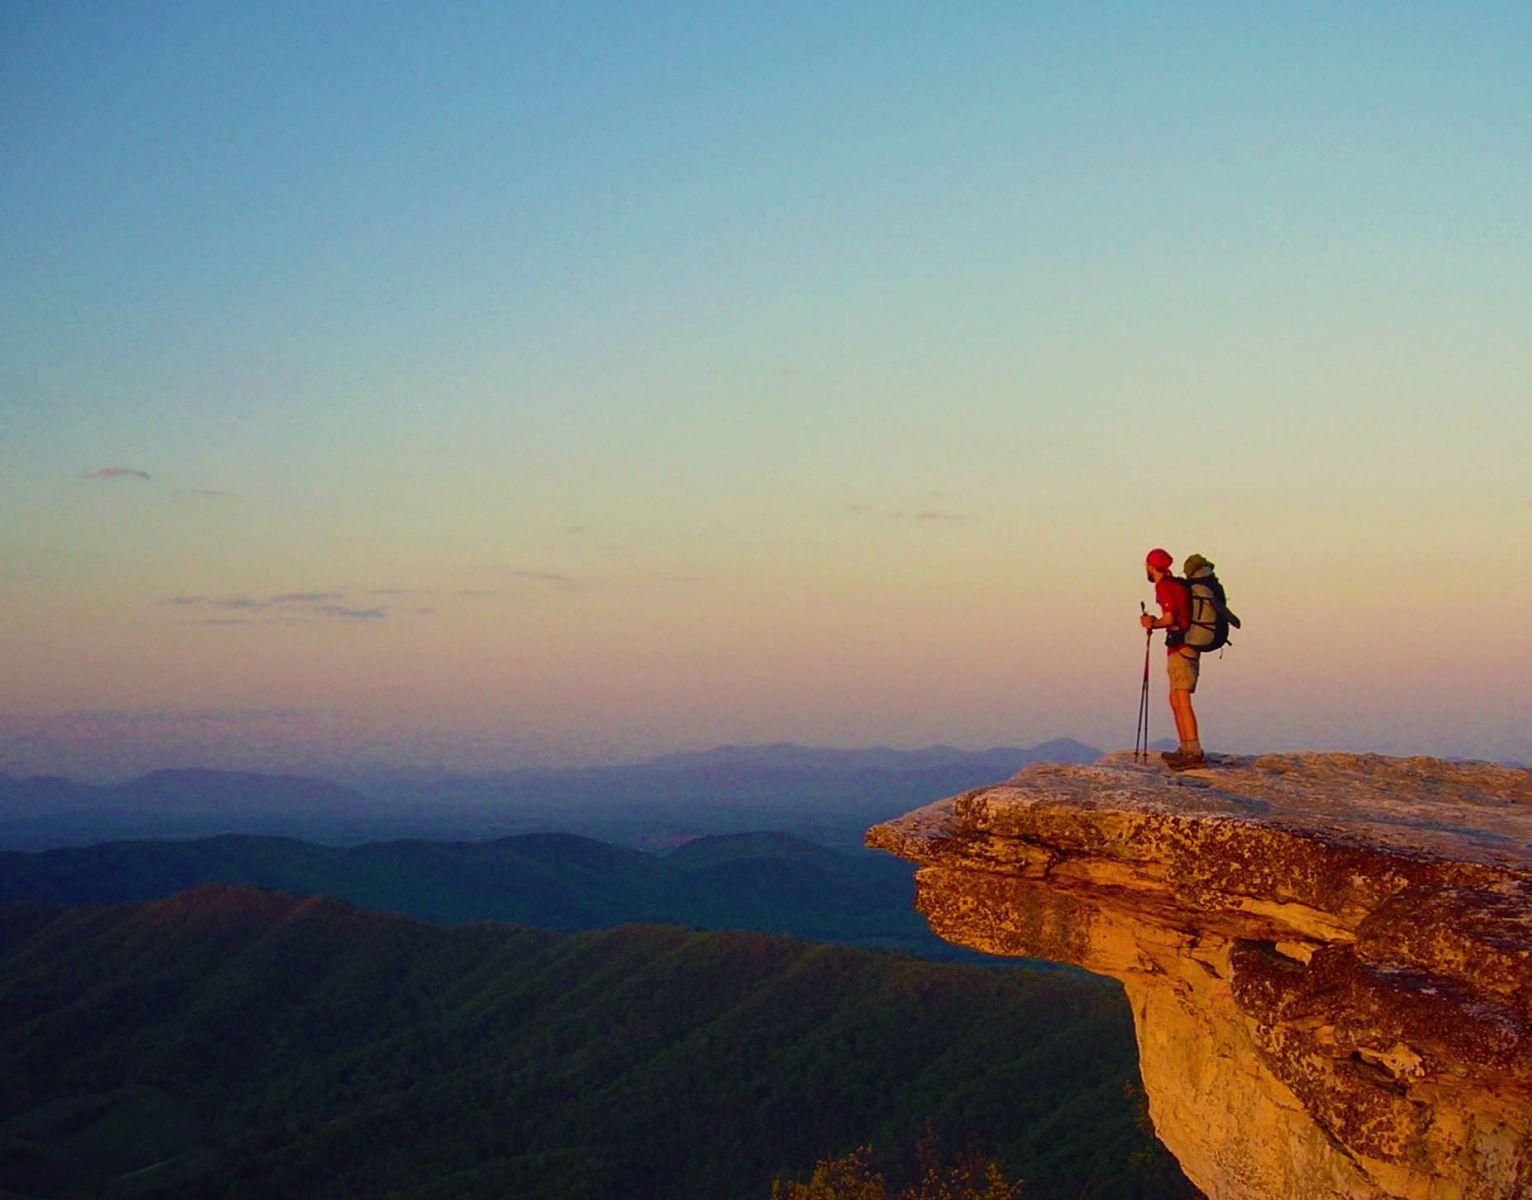 Top 5 Budget Travel Activities in Virginia